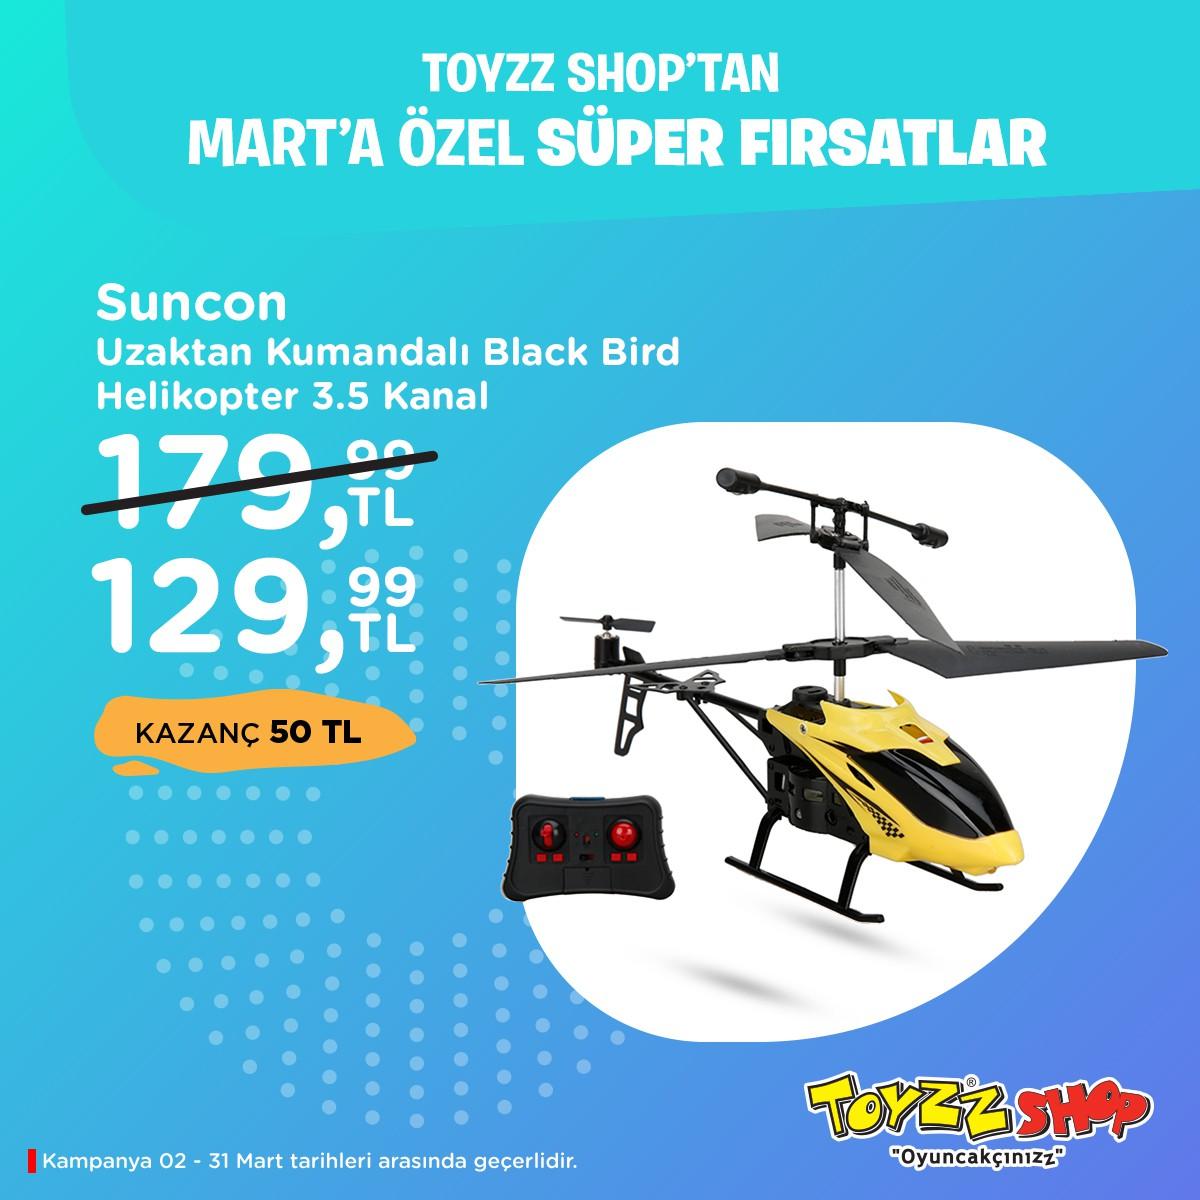 Toyzz Shop'tan mart ayına özel sürprizler Beylikdüzü Migros AVM'de sizi bekliyor.